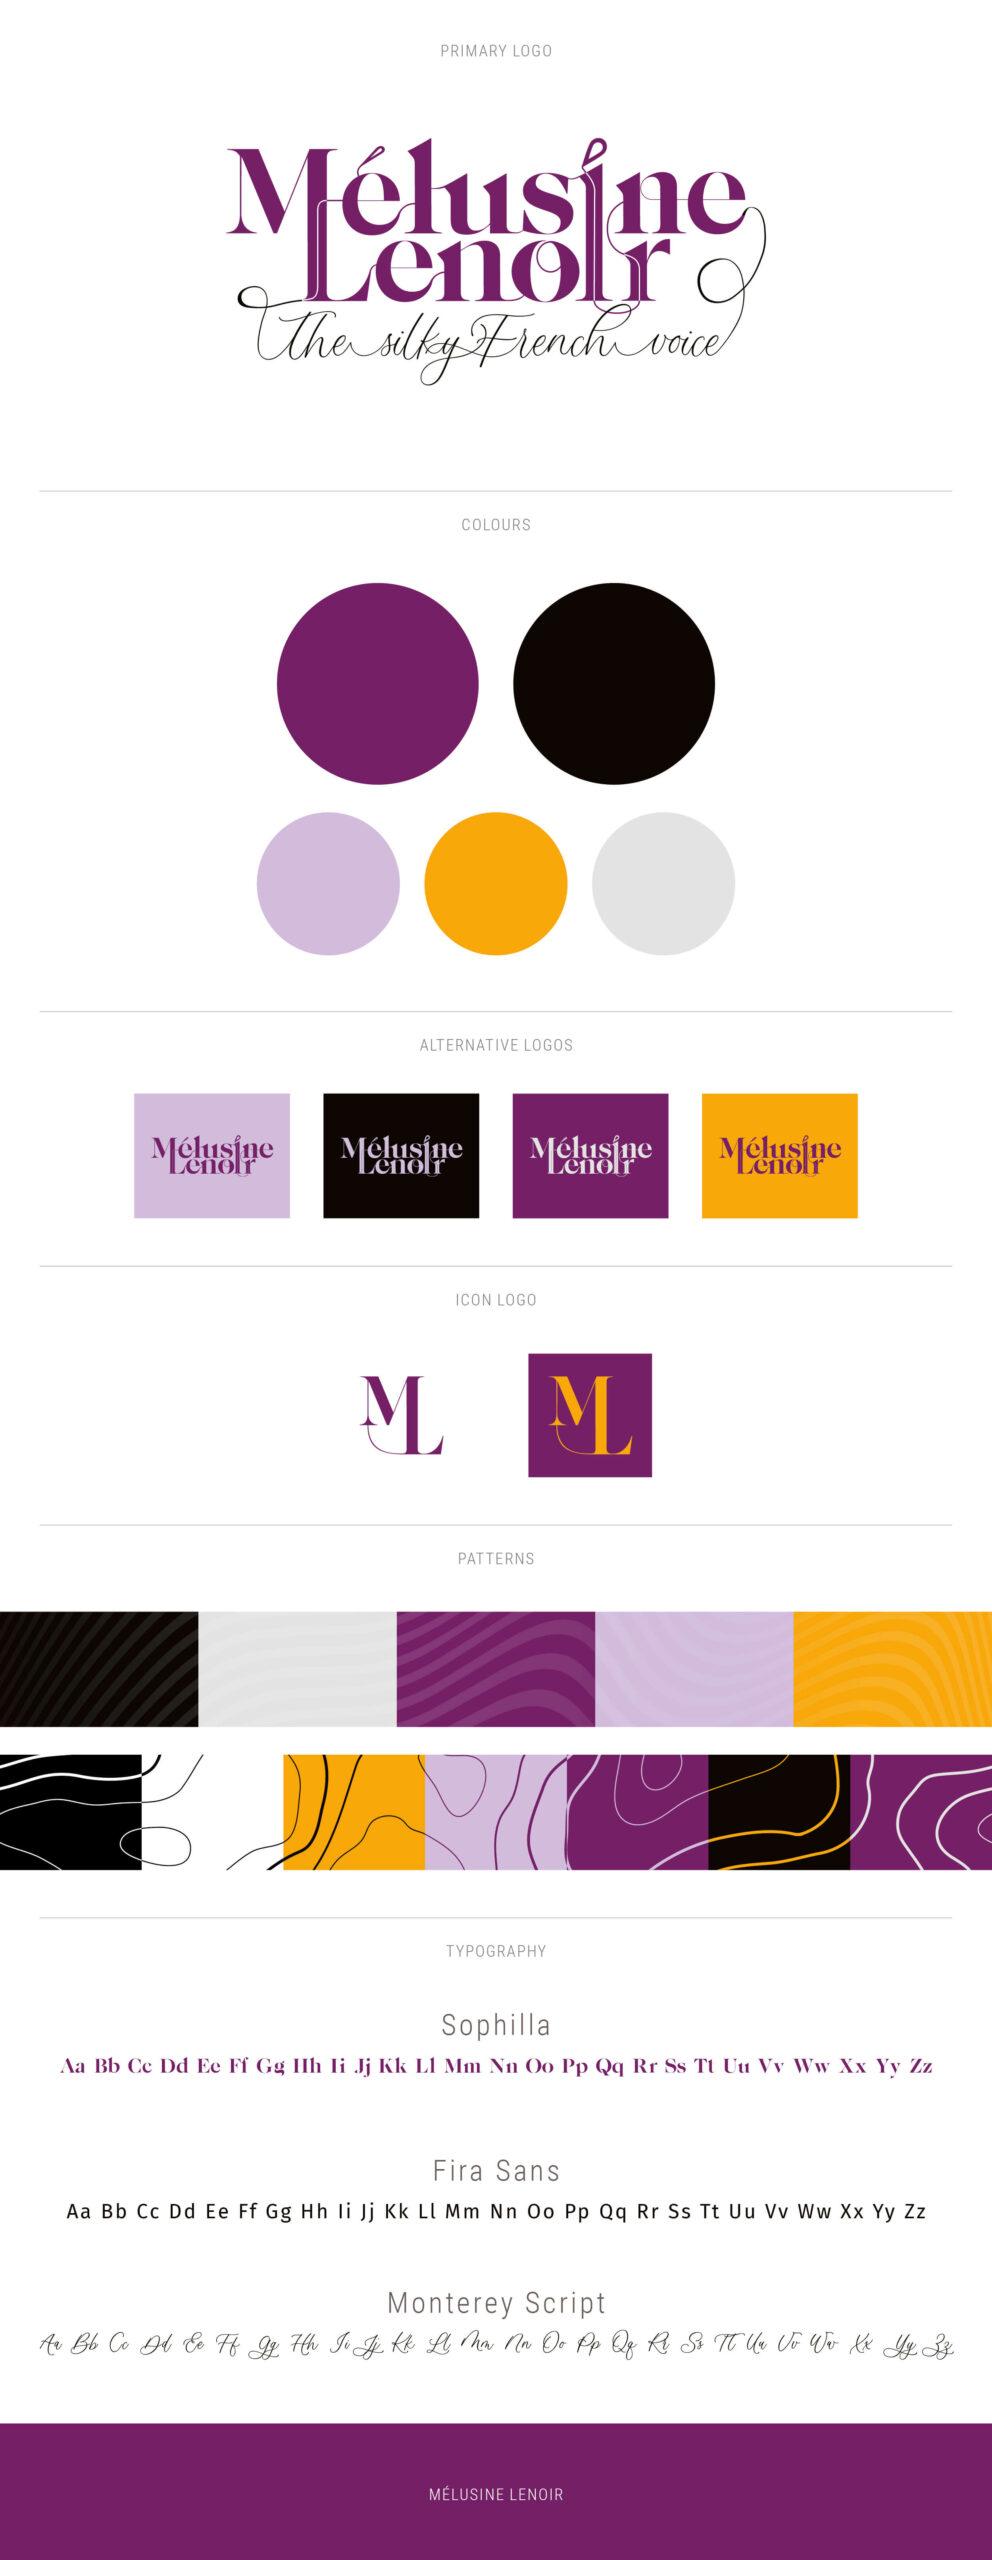 Melusine Lenoir voiceover branding logo board